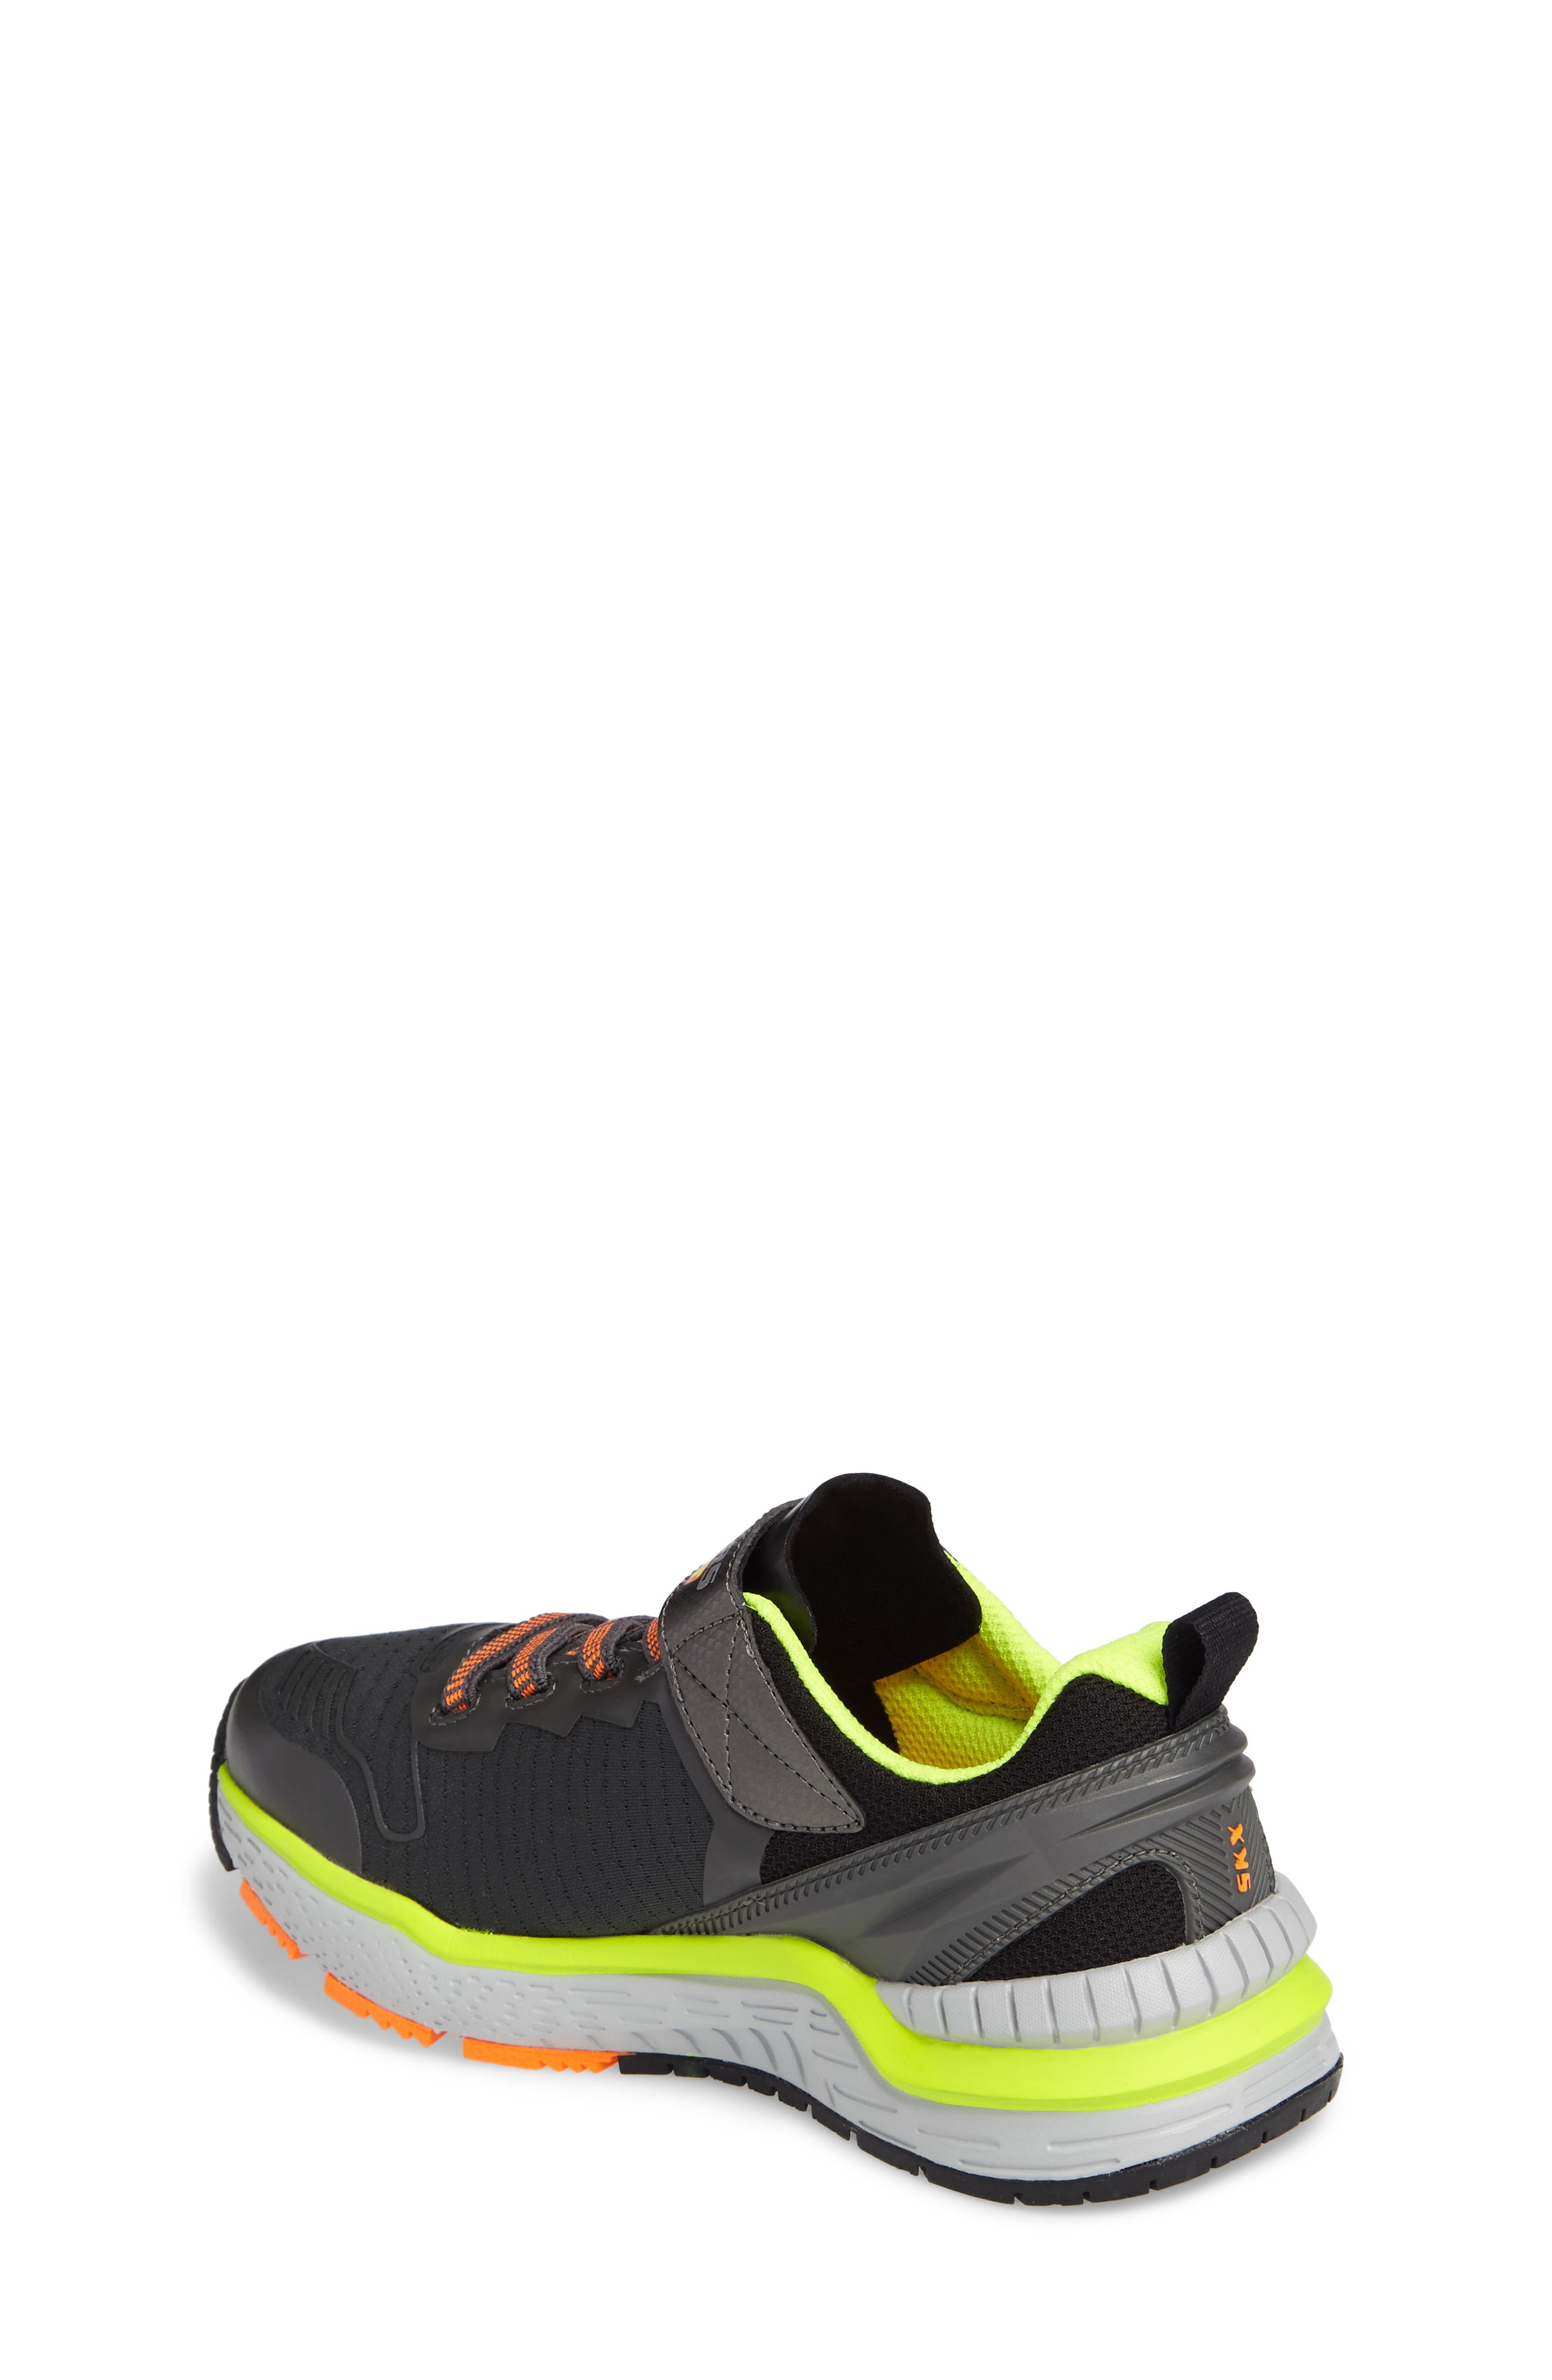 Hyperjolt Sneaker,                             Alternate thumbnail 2, color,                             020